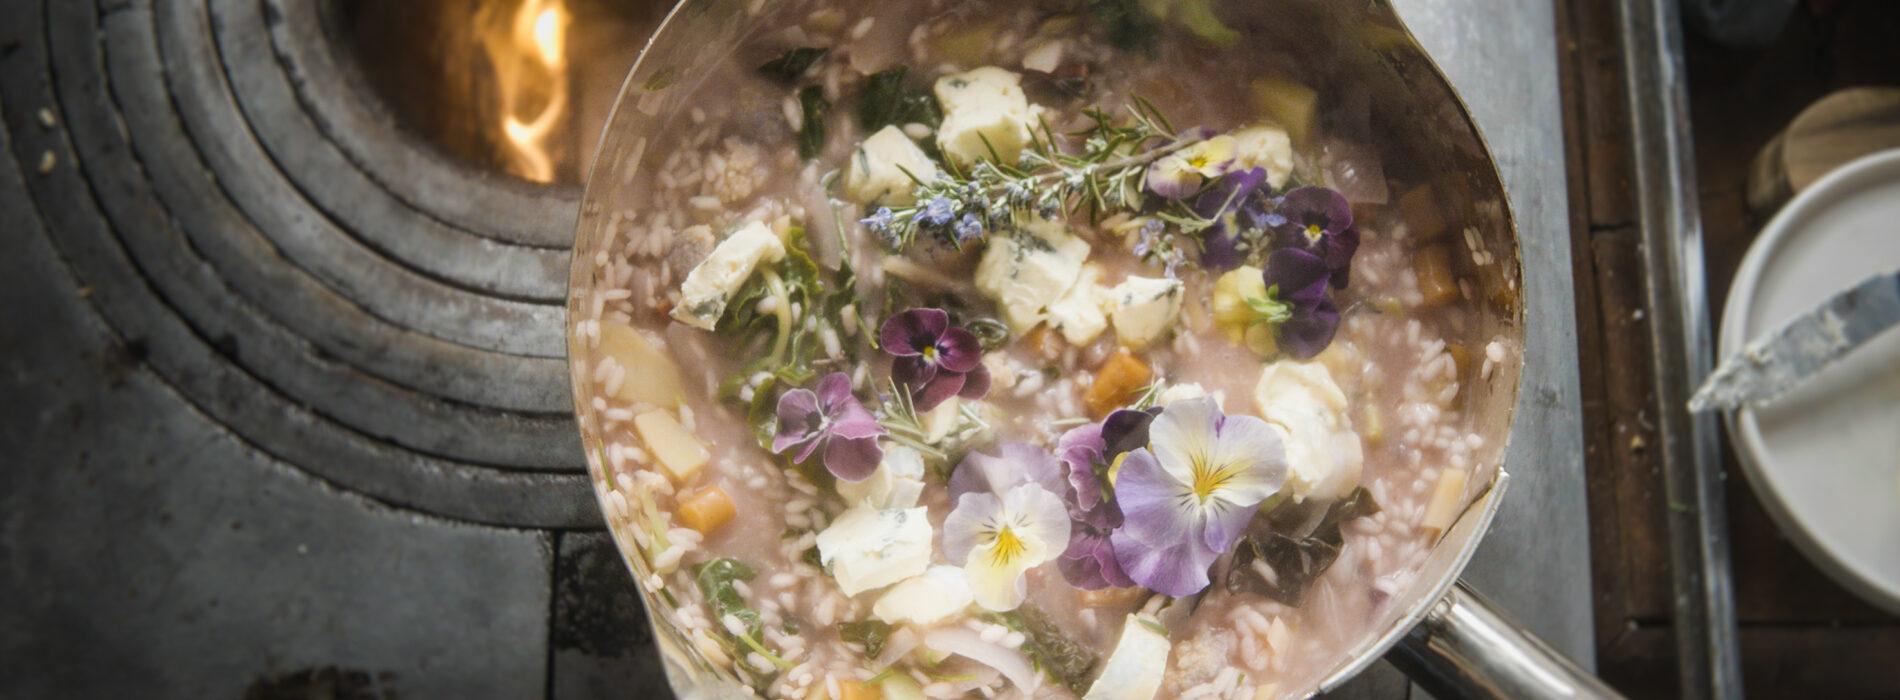 Risotto 50 Sfumature di Blu, la ricetta dello chef Riccardo De Prà